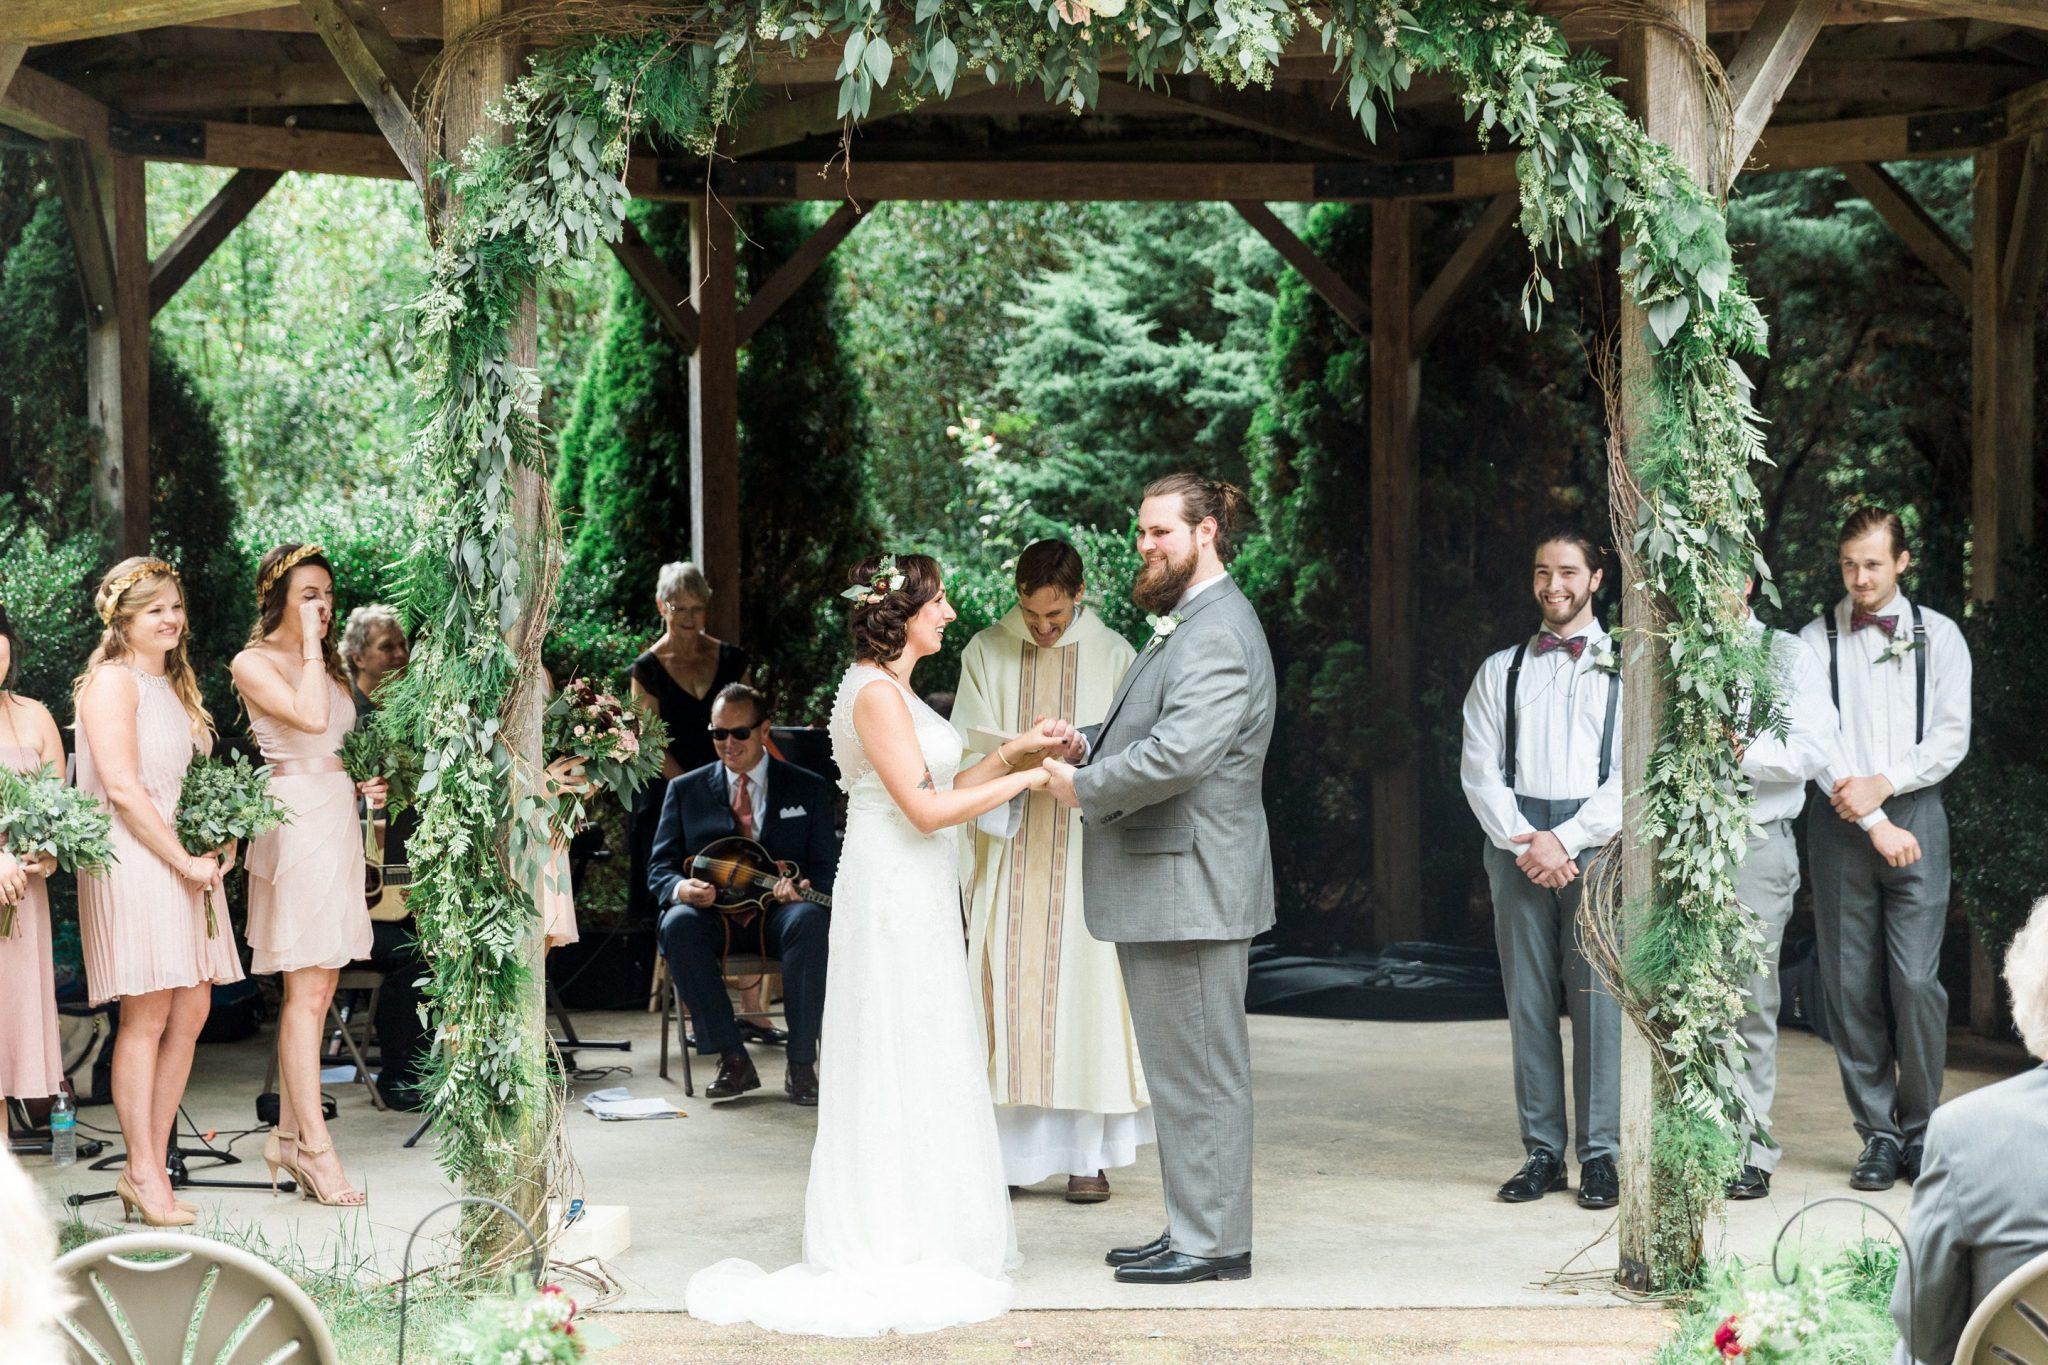 gazebo_marriage_ceremony